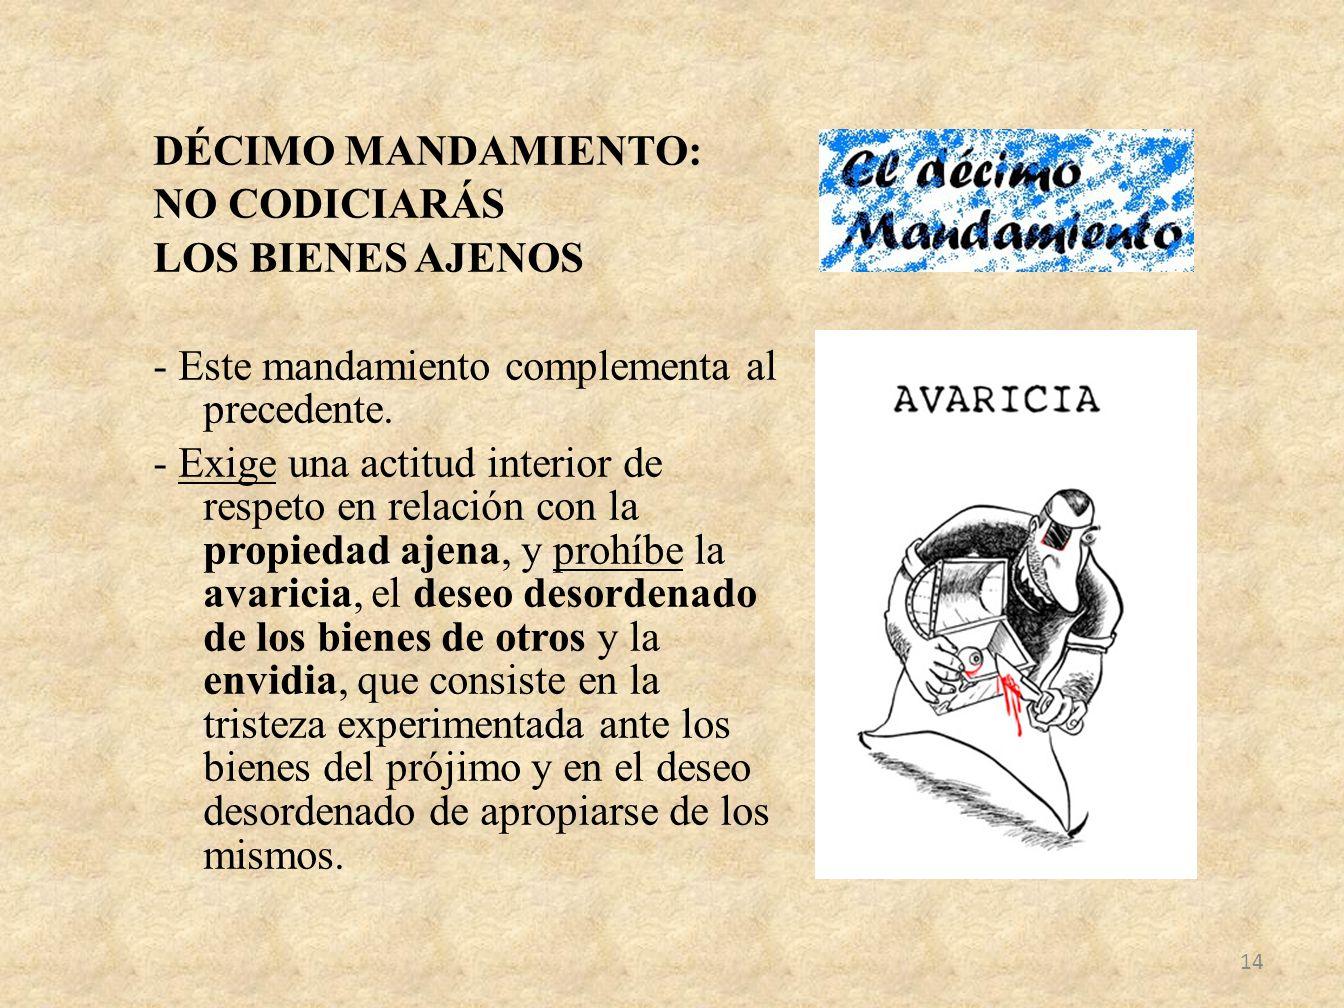 DÉCIMO MANDAMIENTO: NO CODICIARÁS LOS BIENES AJENOS - Este mandamiento complementa al precedente. - Exige una actitud interior de respeto en relación